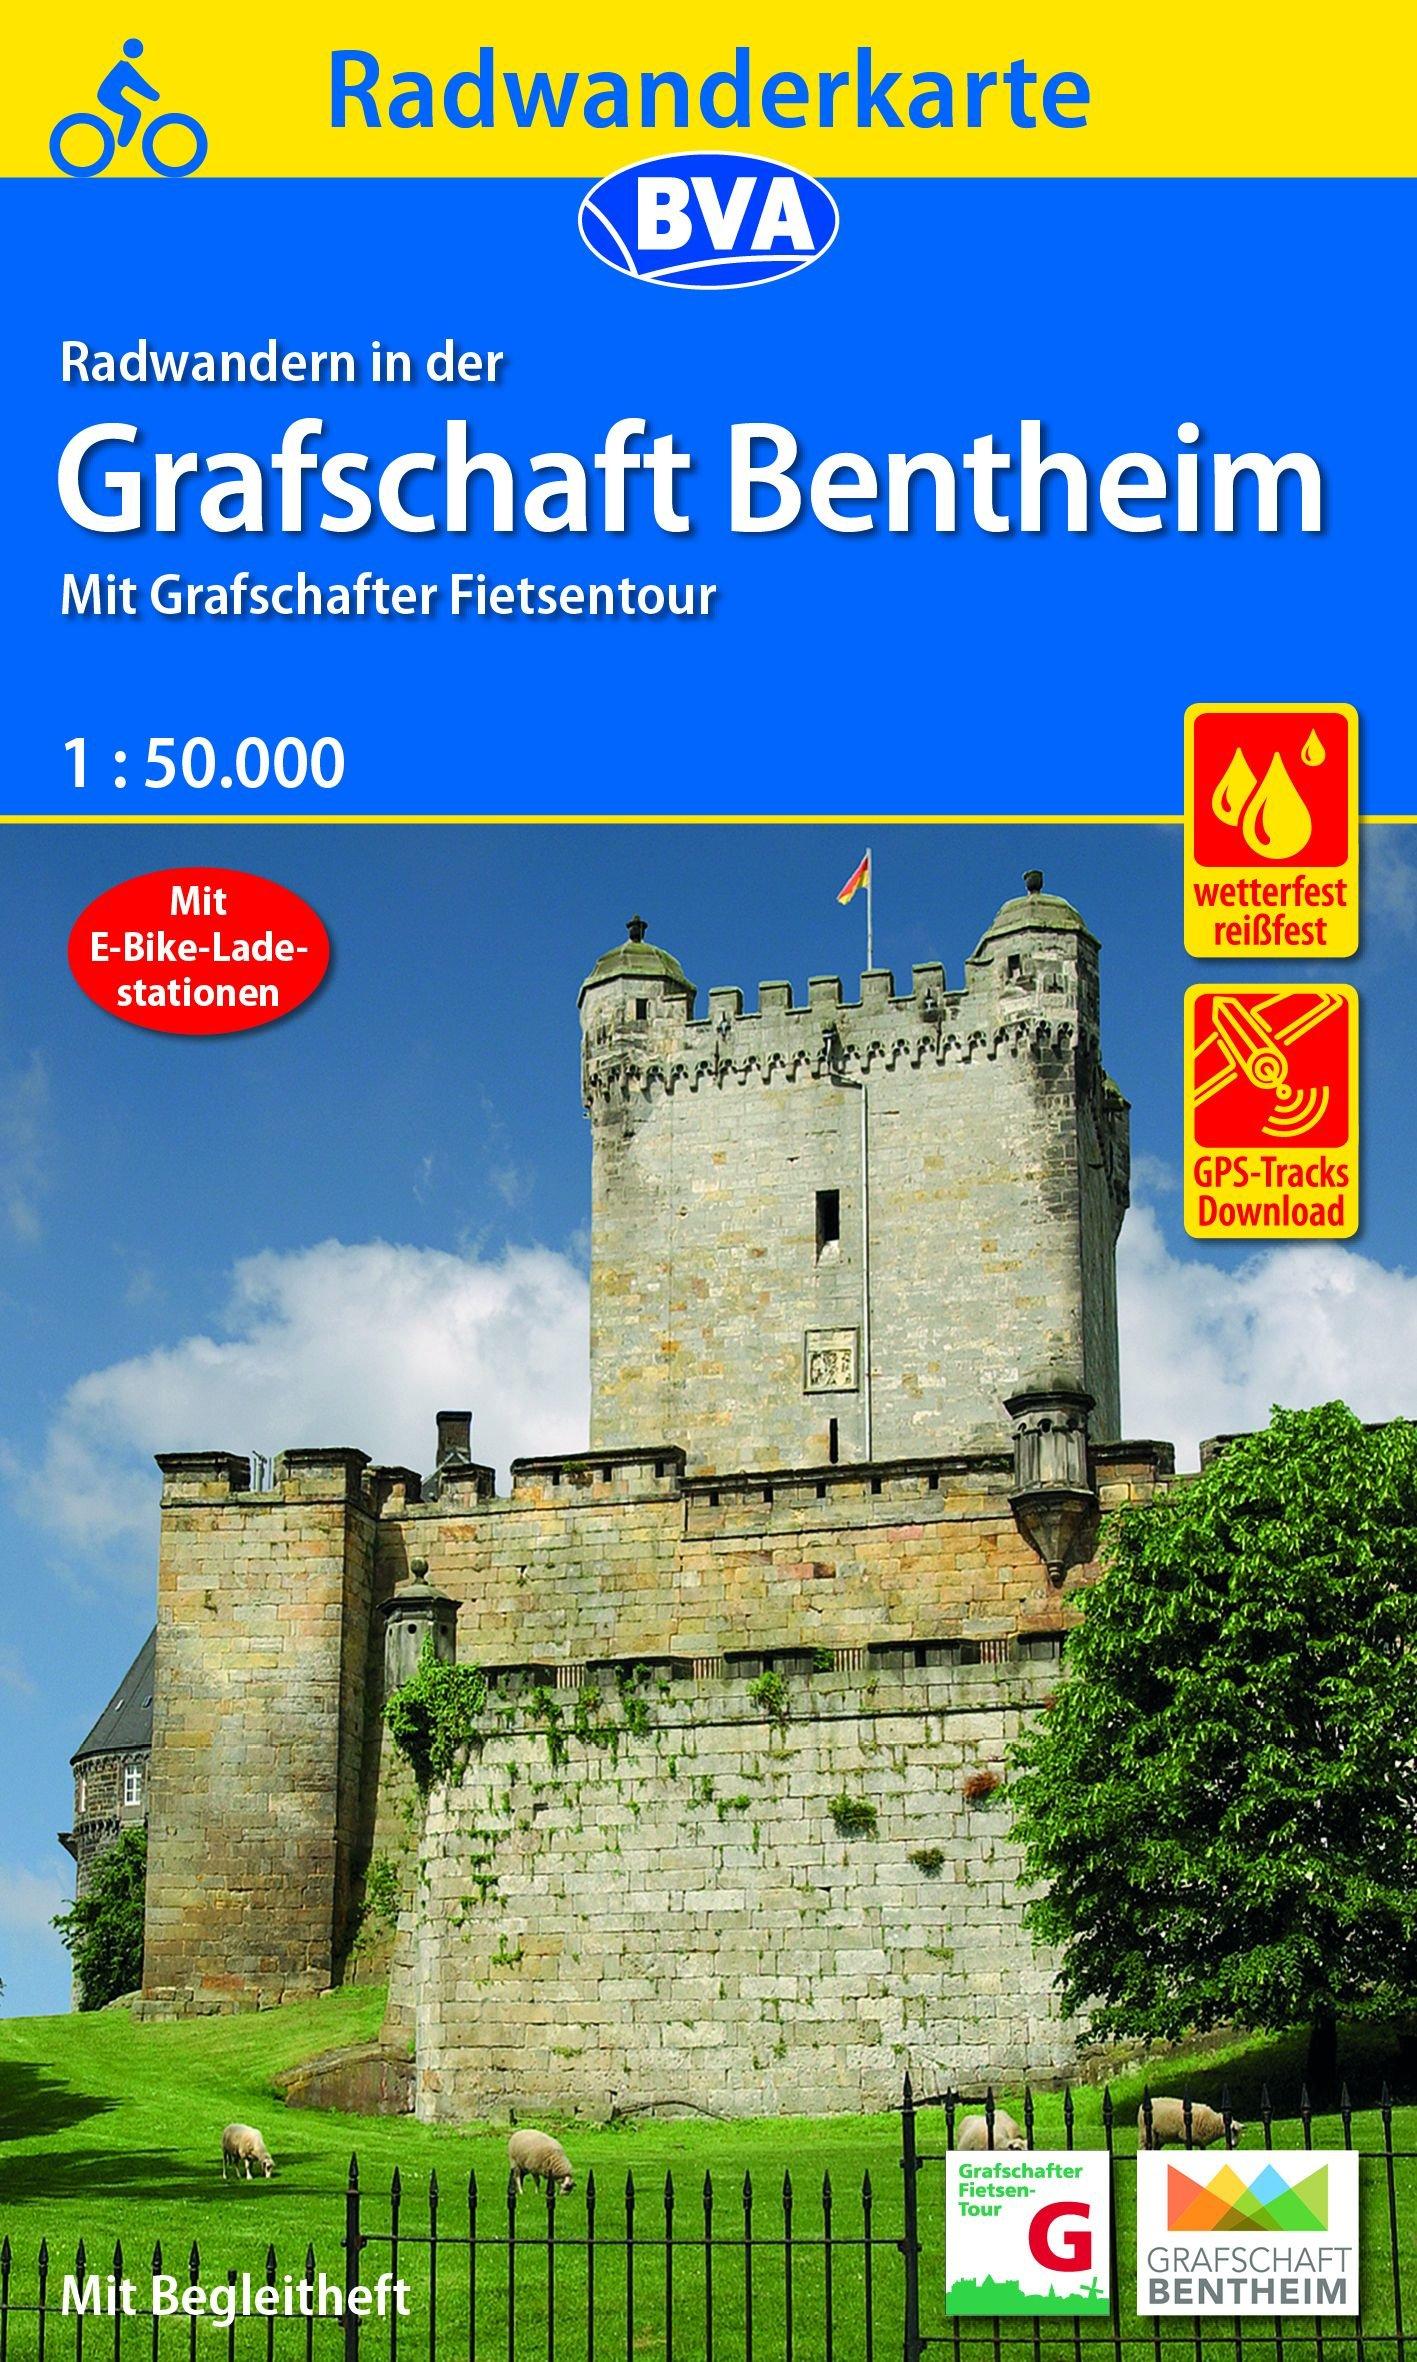 Grafschaft Bentheim Radwanderkarte 1:50.000 9783870737924  BVA   Fietskaarten Sauerland, Münsterland, Teutoburger Wald